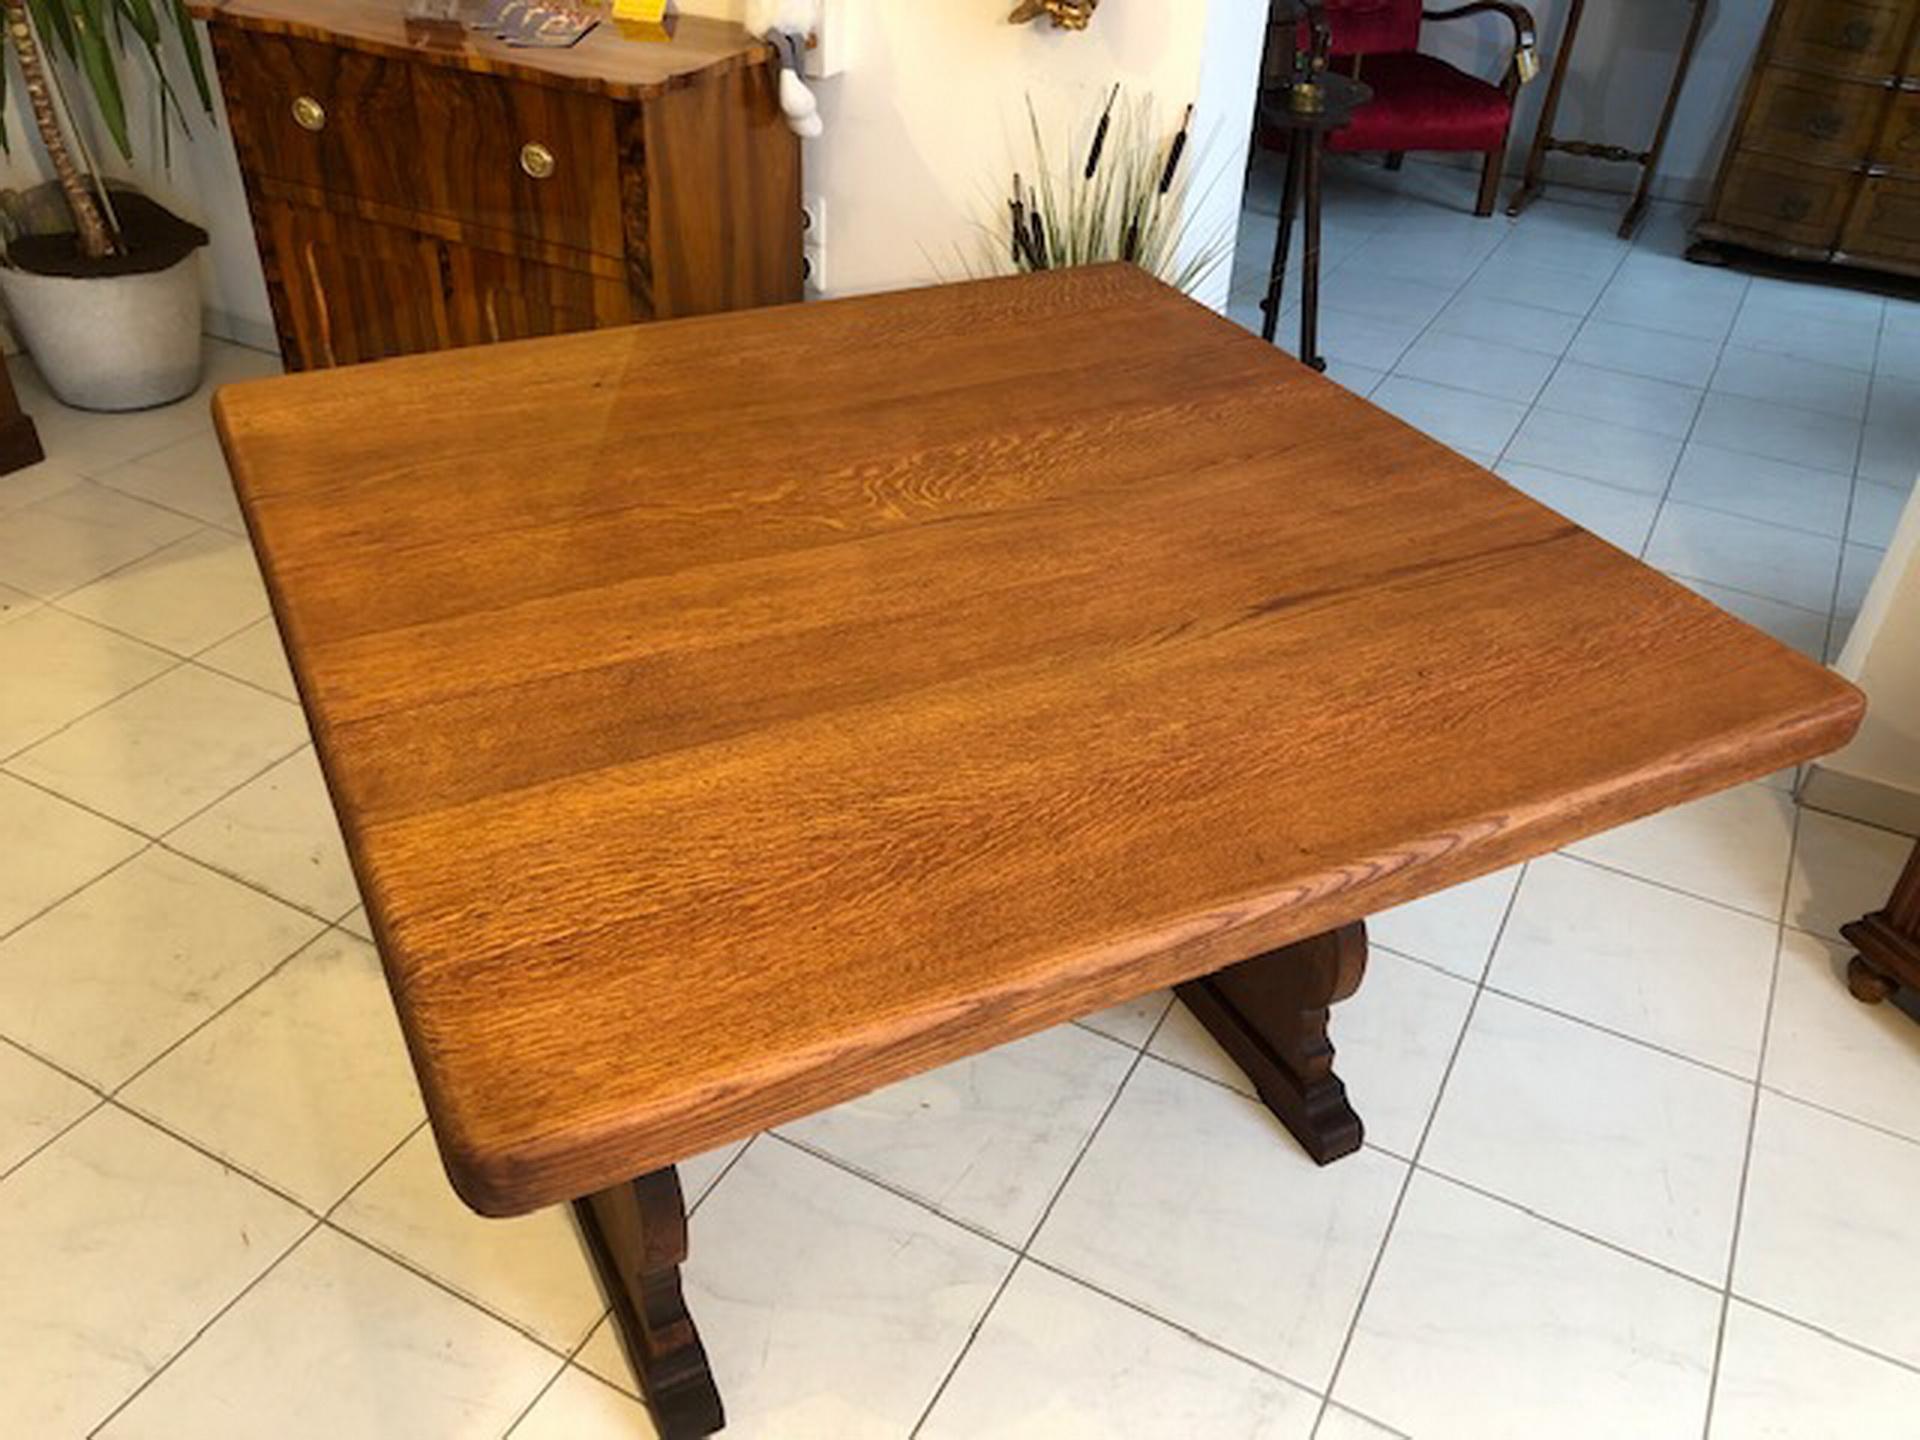 alter Bauerntisch Tisch Landhaustisch Eichenholz X2588 | Jogltische ...